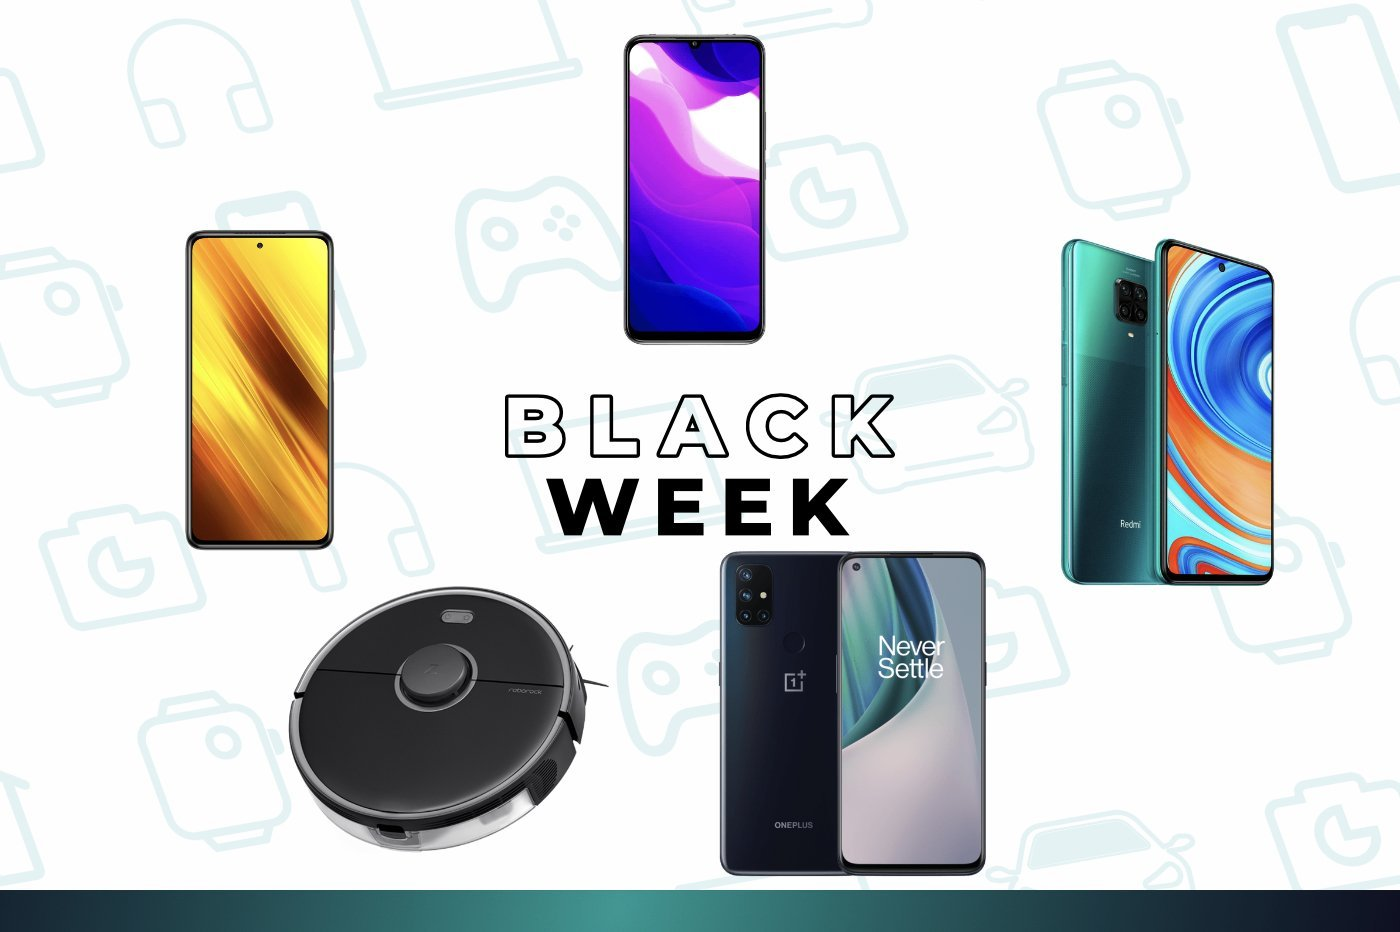 AliExpress fait son Black Friday avec le OnePlus Nord N10 à 251 € ou le Poco X3 à 171 €